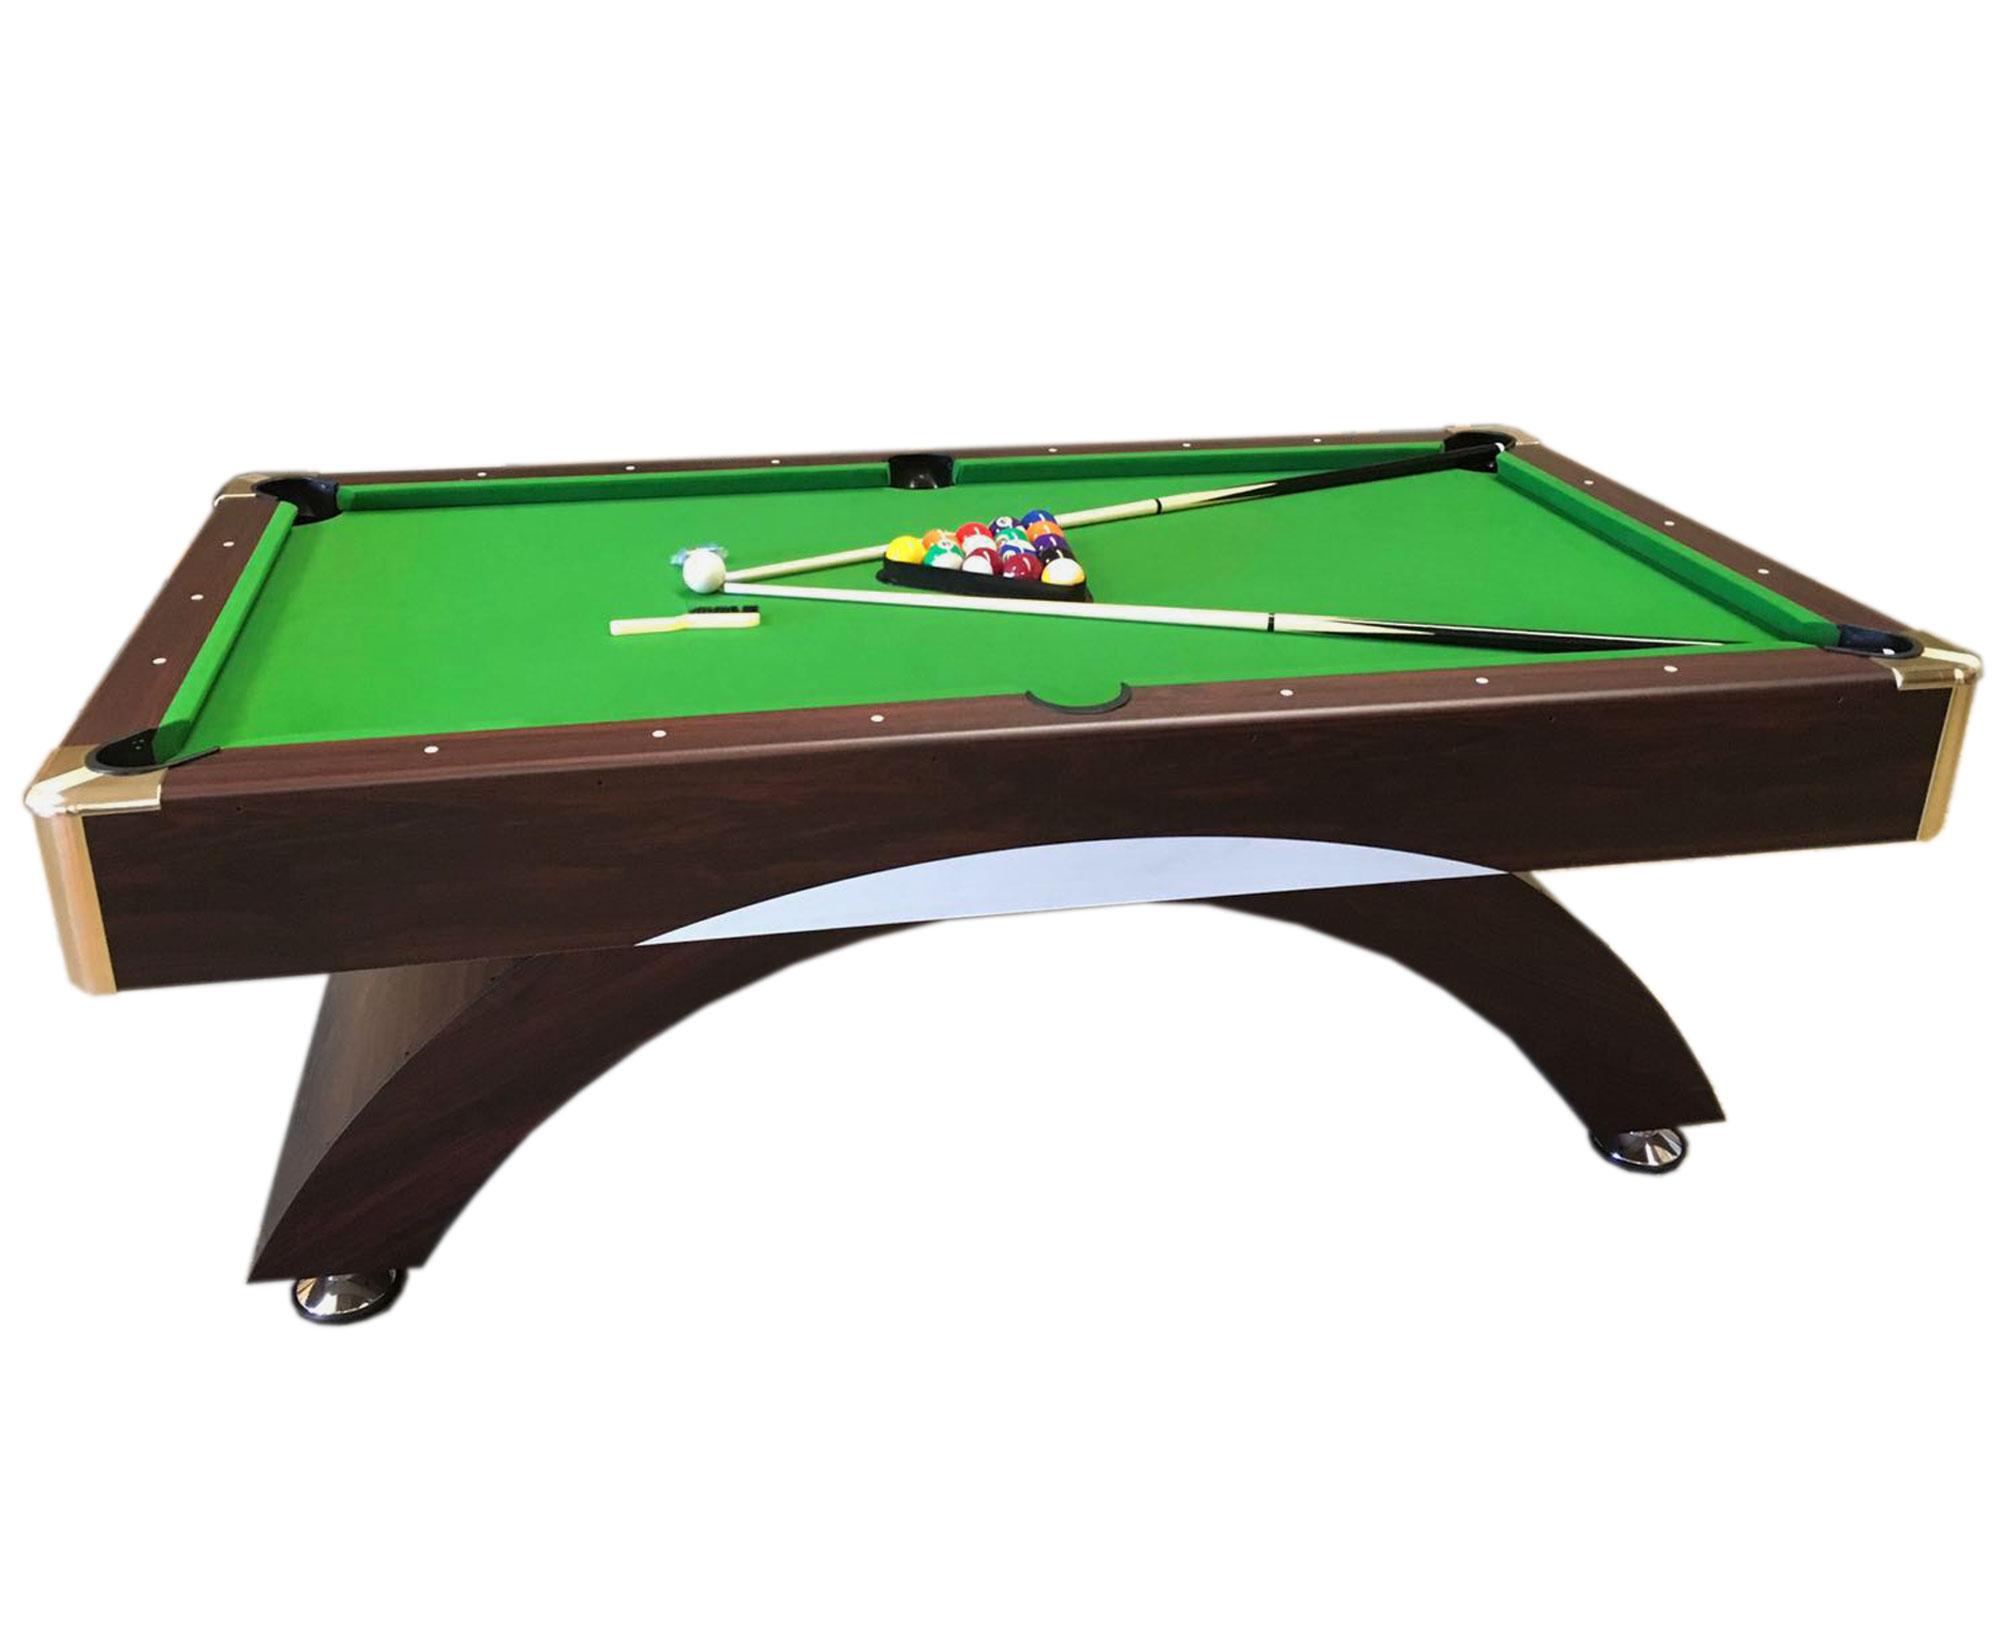 Sala Da Biliardo In Inglese : Tavolo da biliardo carambola misura 220 x 110 cm snooker verde 8